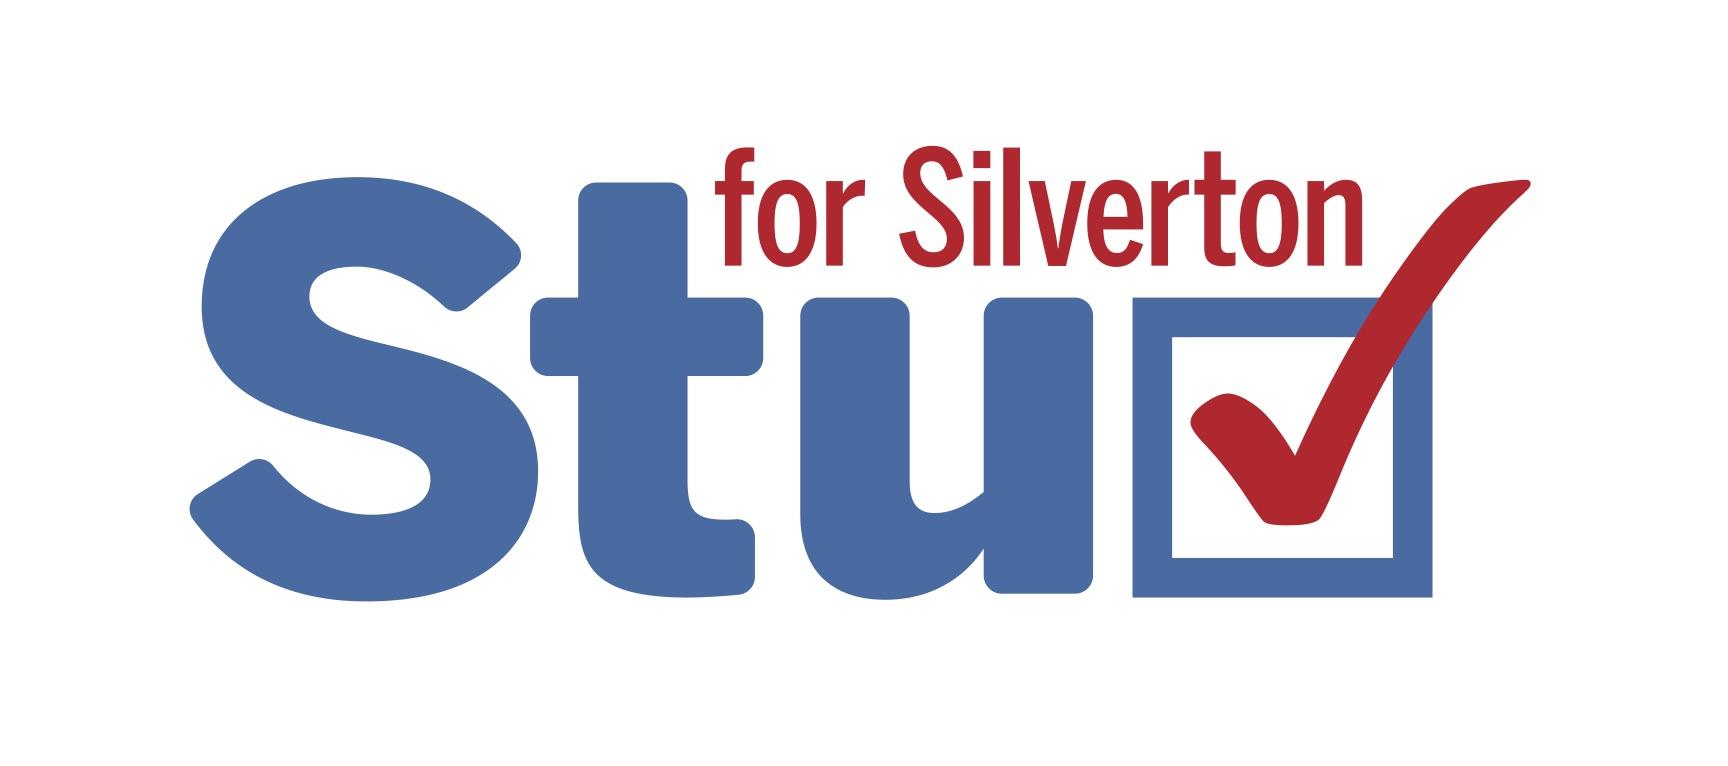 STU logo 2018.jpg